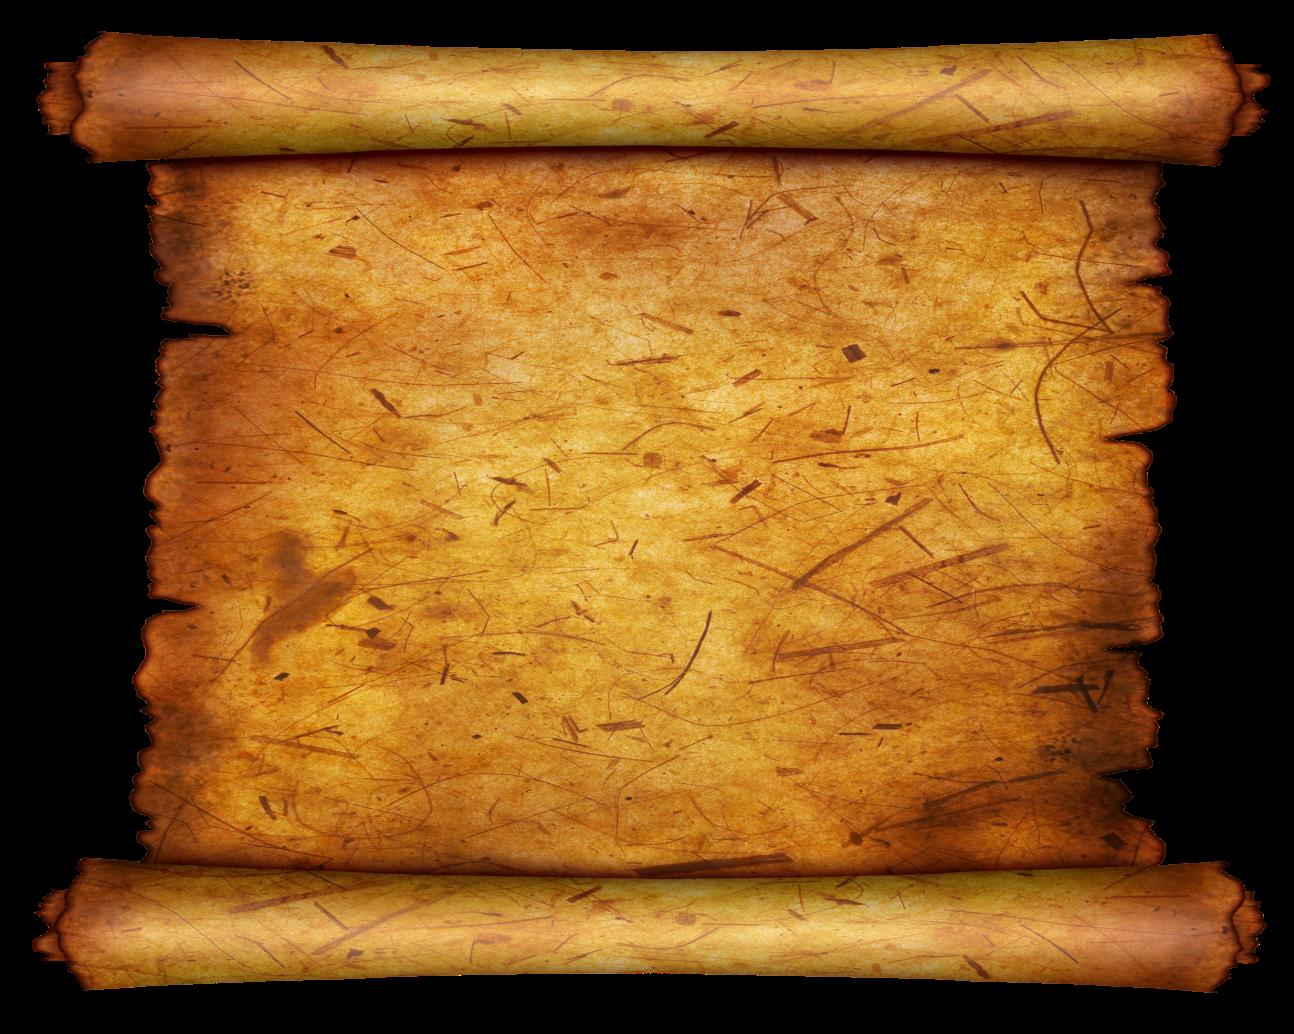 Михайлов поздравление, открытки пергамента